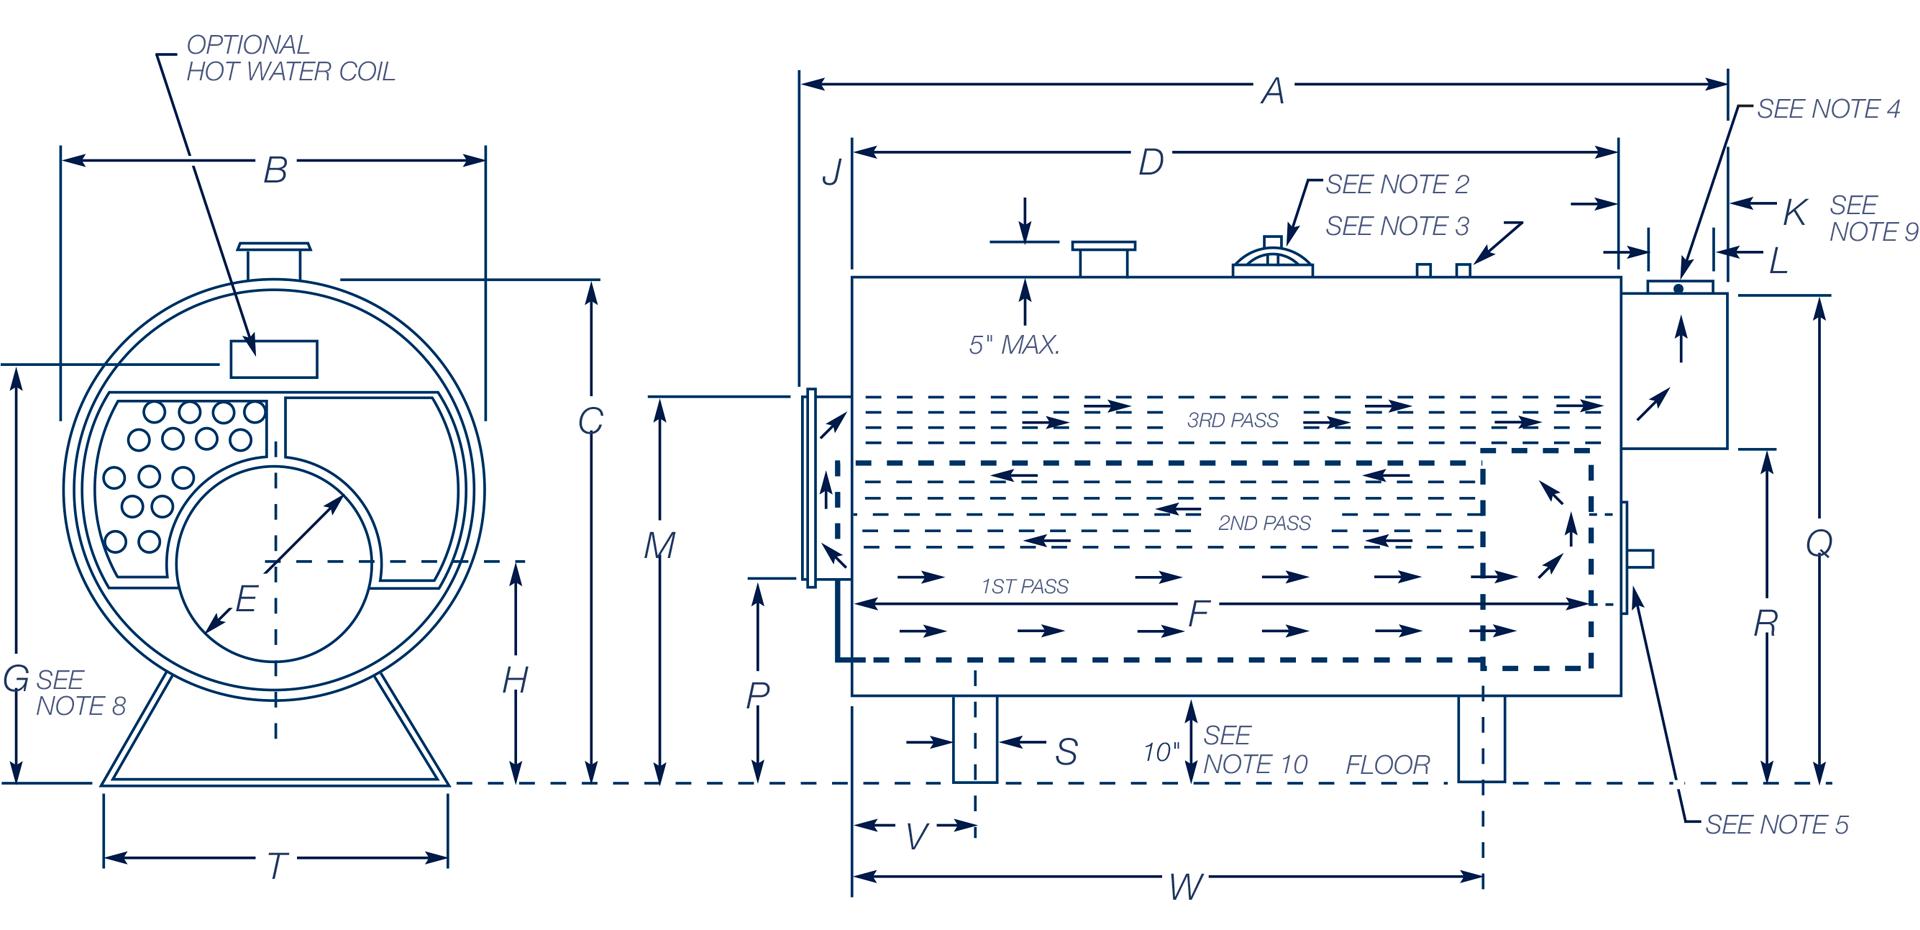 boiler-notes-2